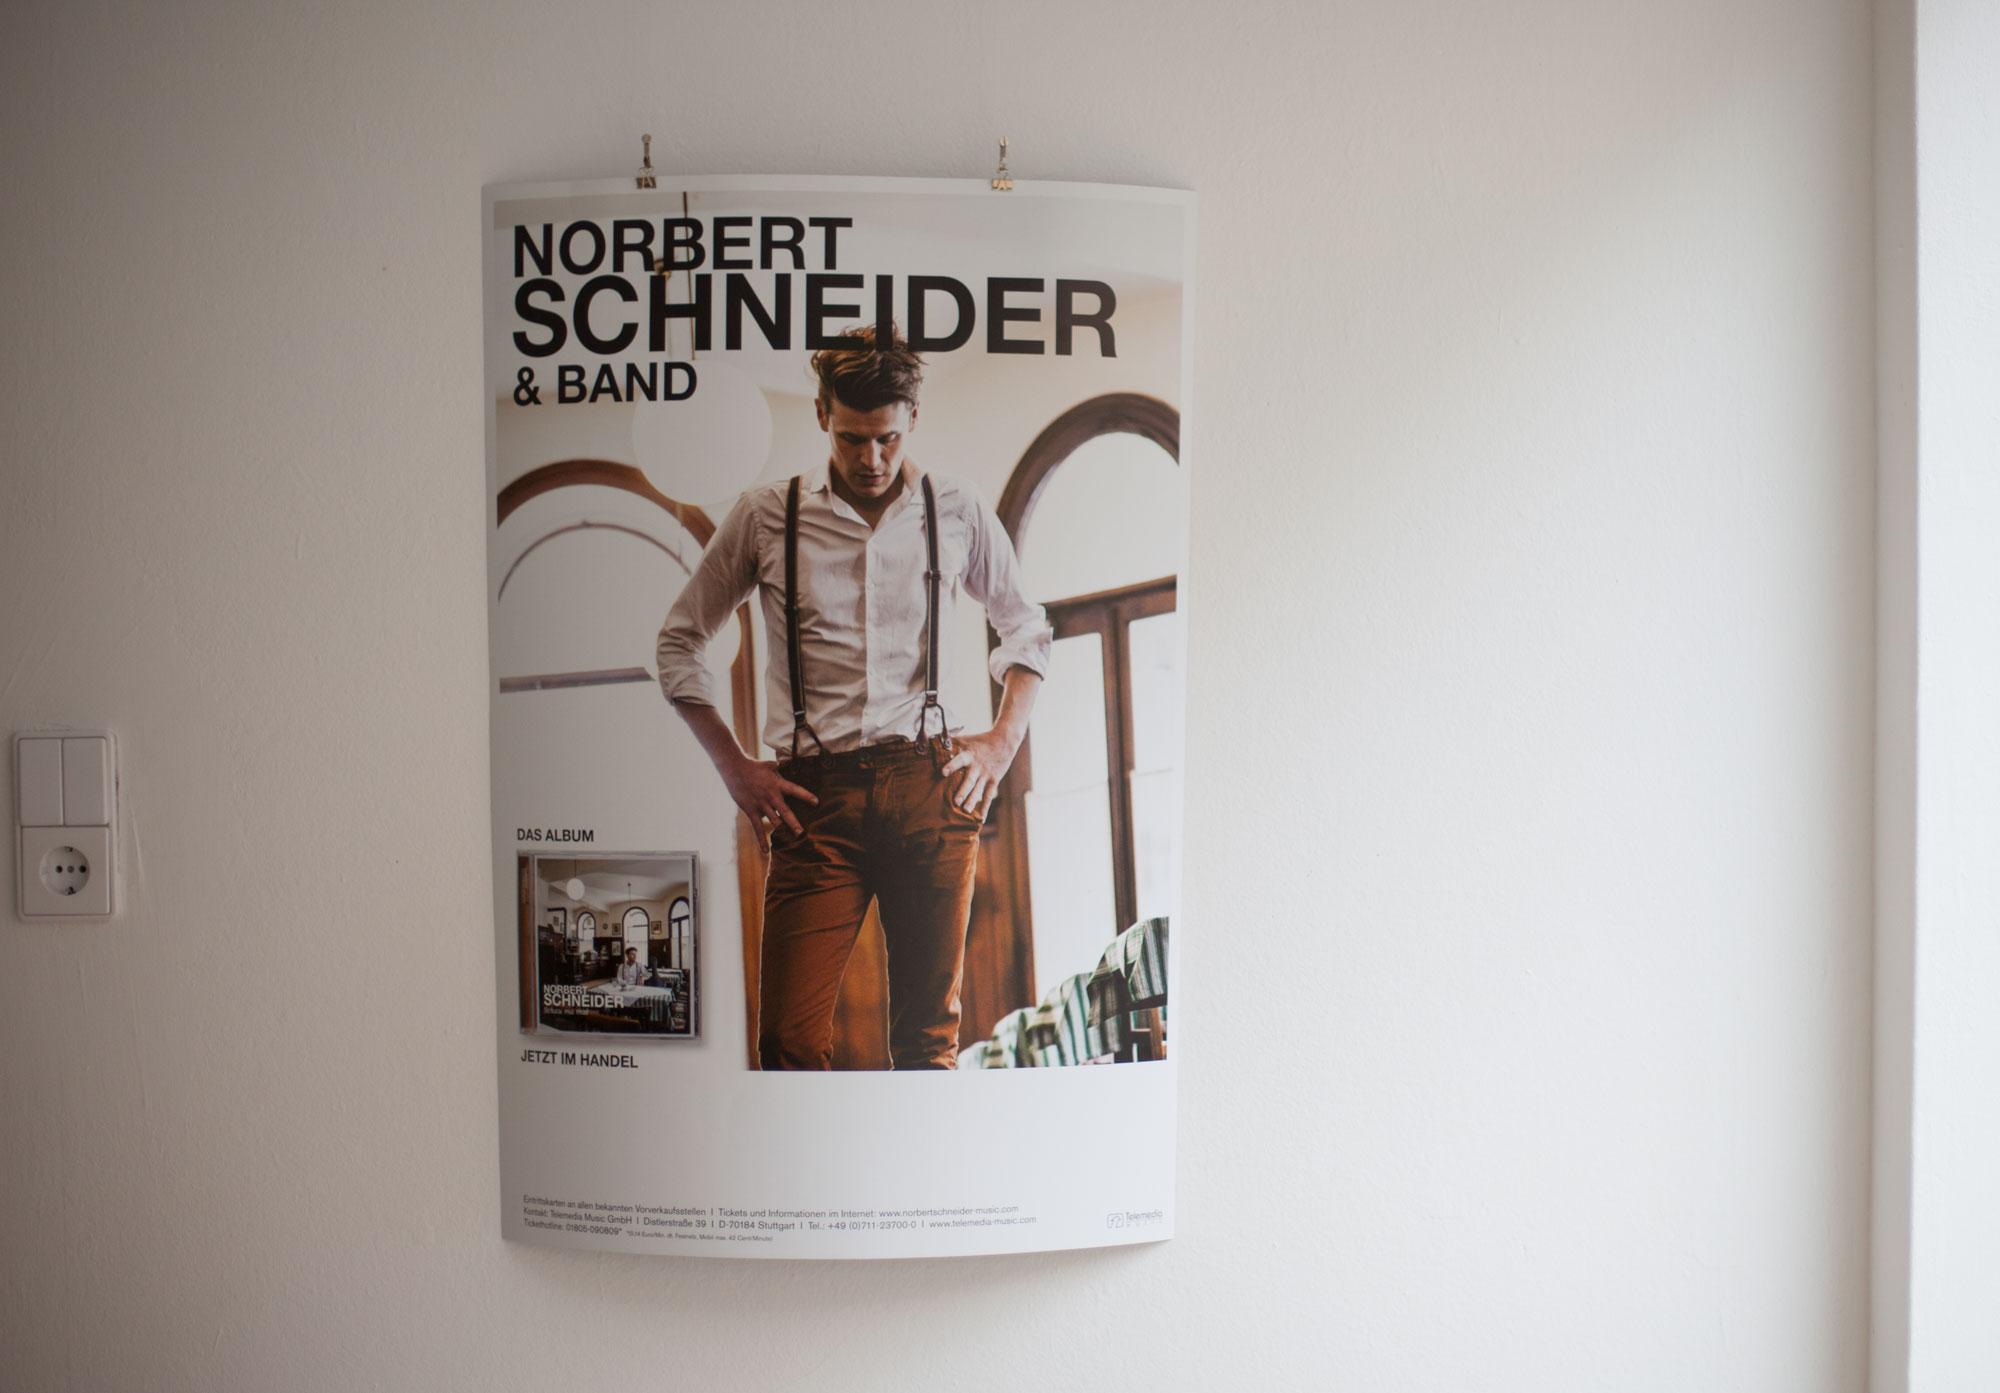 75a Büro für Gestaltung aus Stuttgart entwirft das Konzertplakat des Wiener Musikers Norbert Schneider